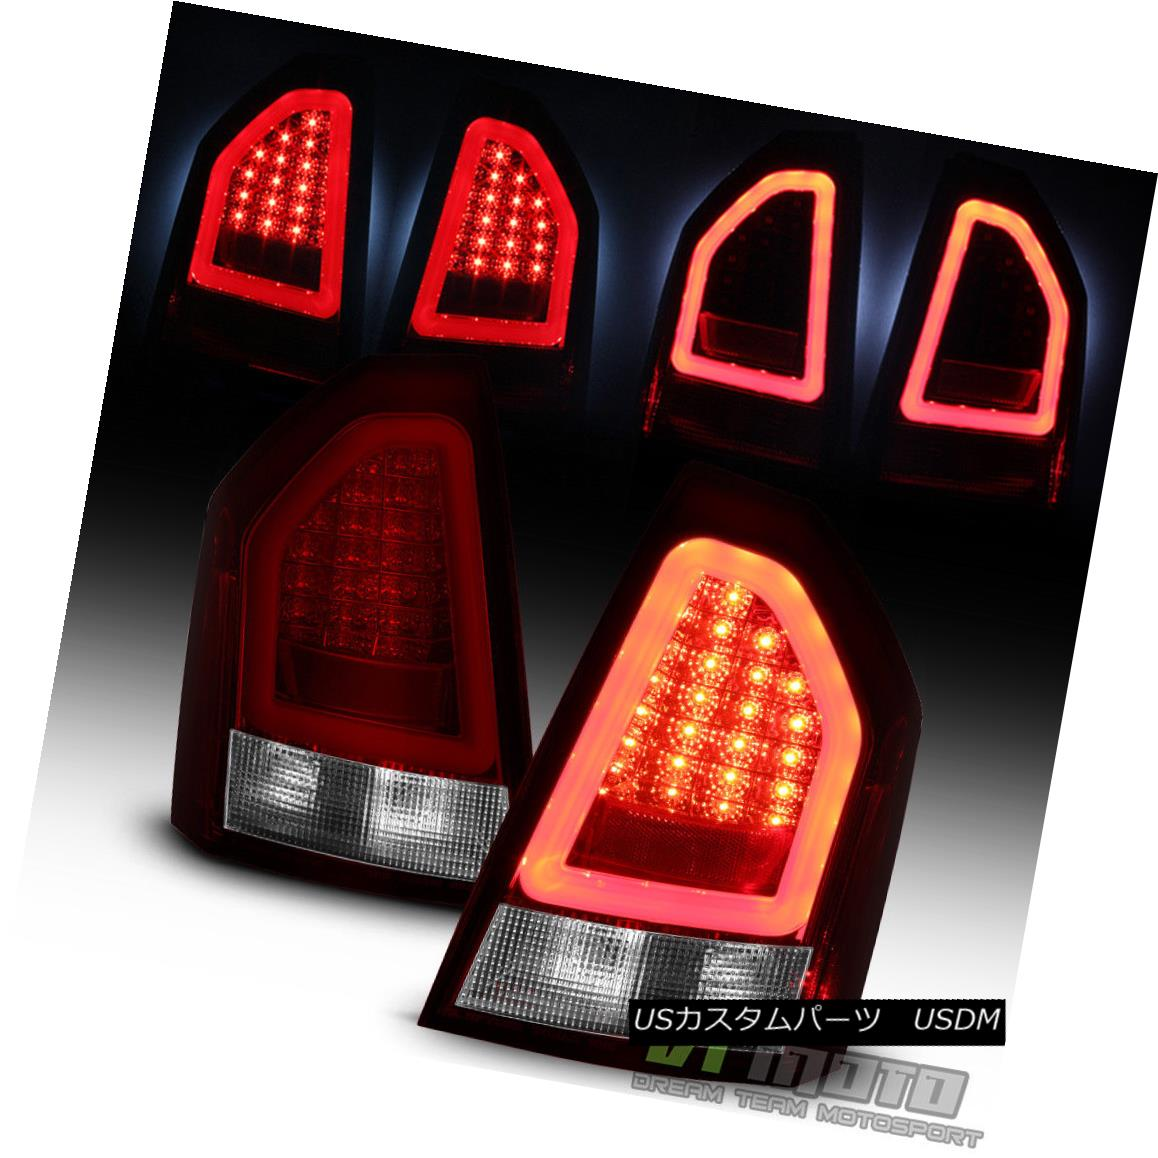 テールライト 2005-2007 Chrysler 300 Lumileds Red Clear LED Pyro Tube Tail Lights Brake Lamps 2005-2007クライスラー300 Lumiledsレッドクリアパイロチューブテールライトブレーキランプ